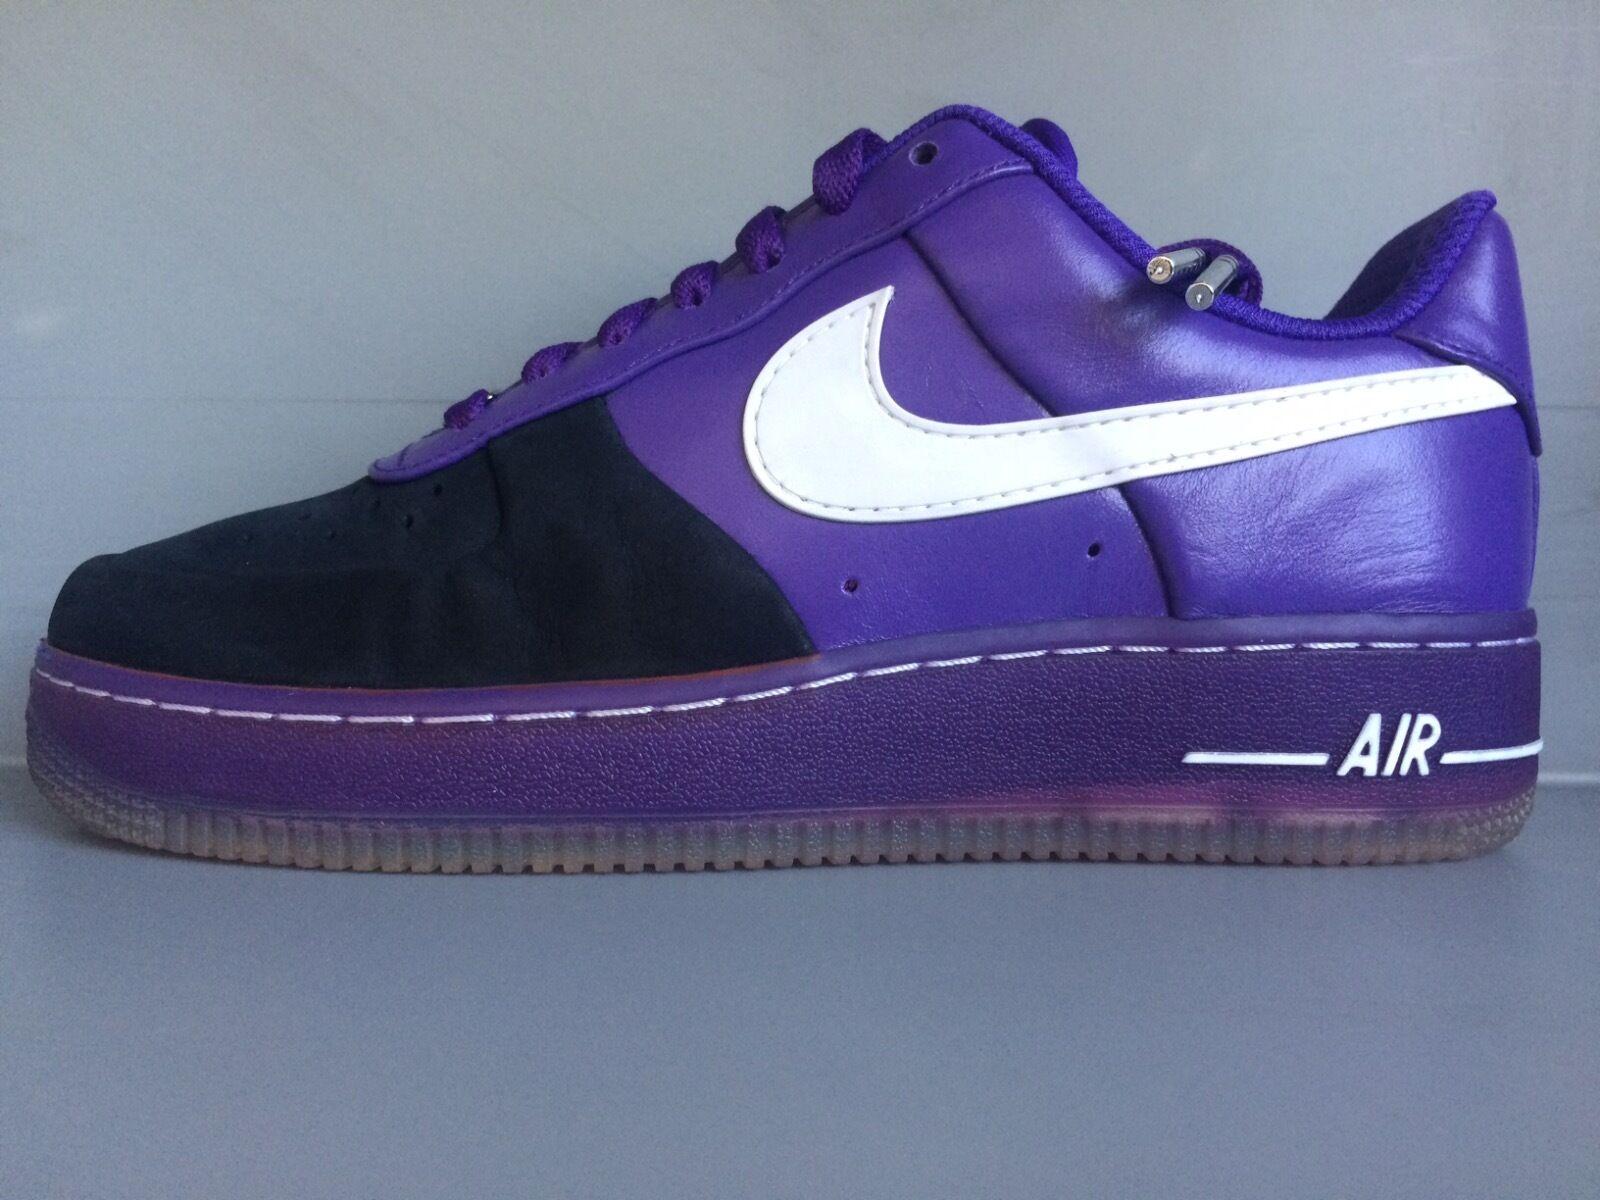 Nike Air Force 1 Low Supreme SP SP SP '09 - Purple - US 6 EUR 38.5 UK5.5 (354714 511) 3c068e